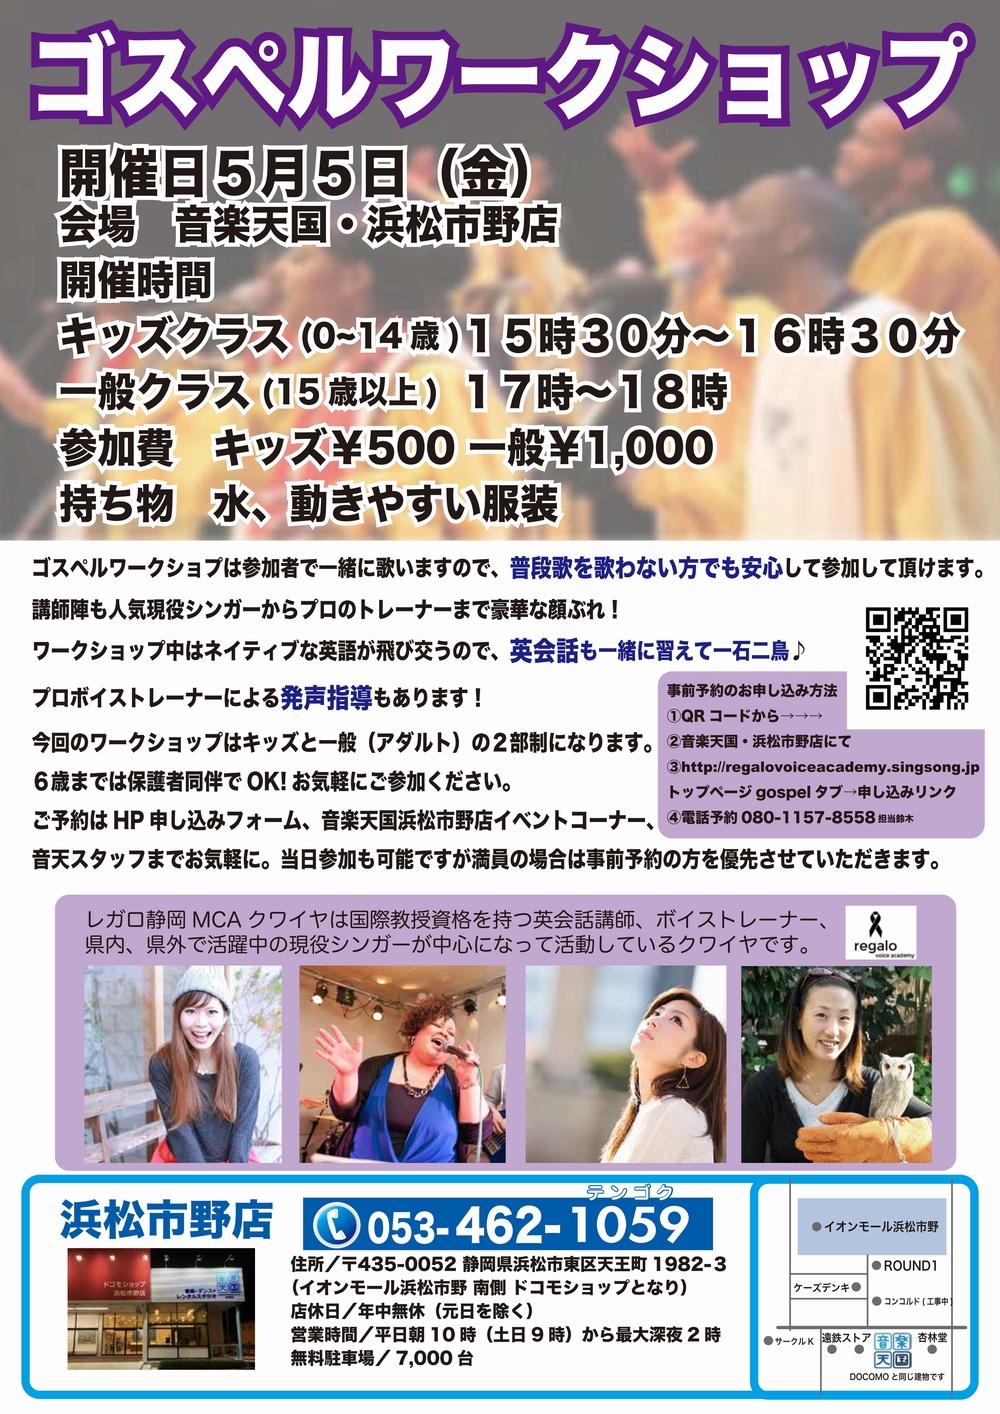 ゴスペルワークショップ音楽天国・浜松市野店5月5日(祝金)開催